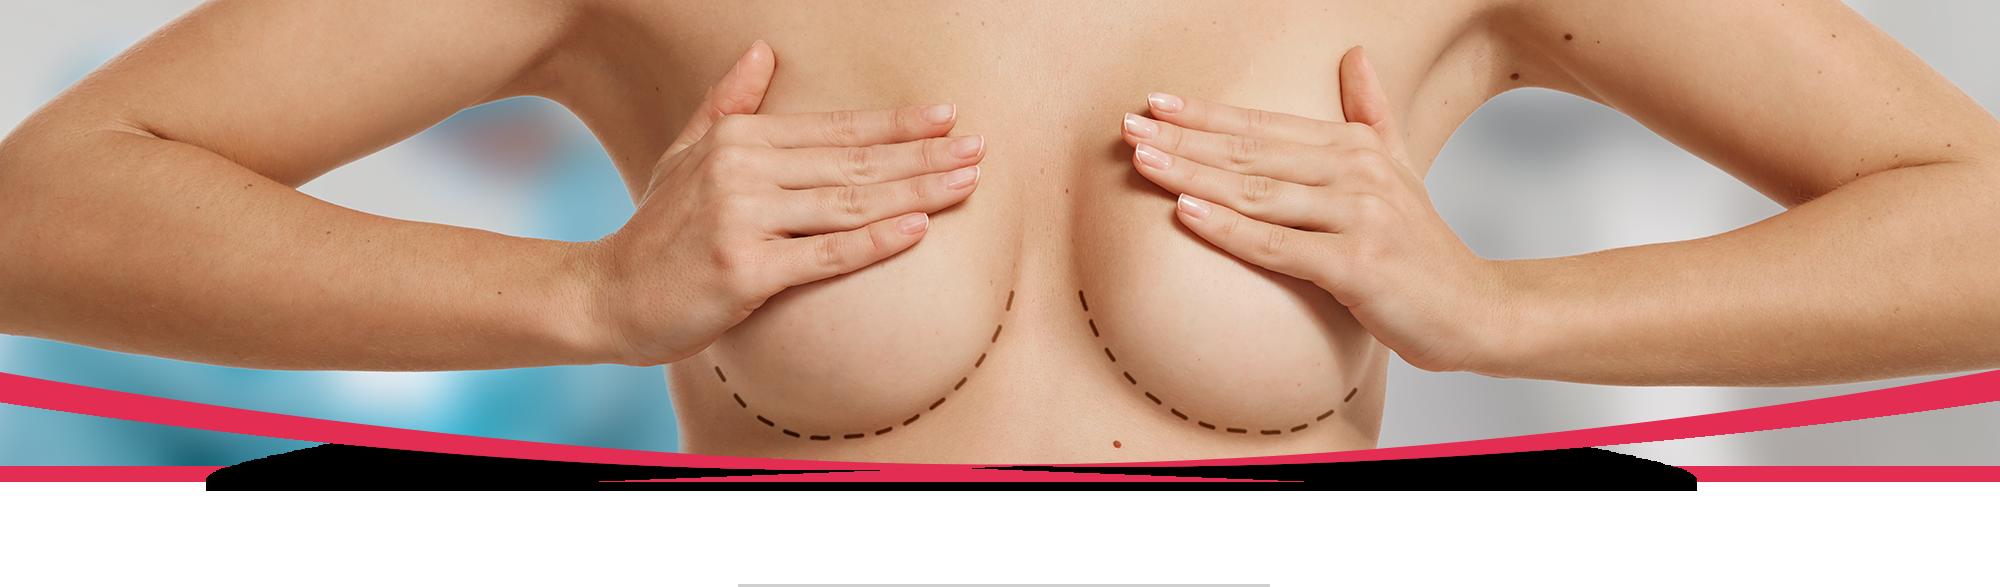 Chirurgie esthetique seinsslider